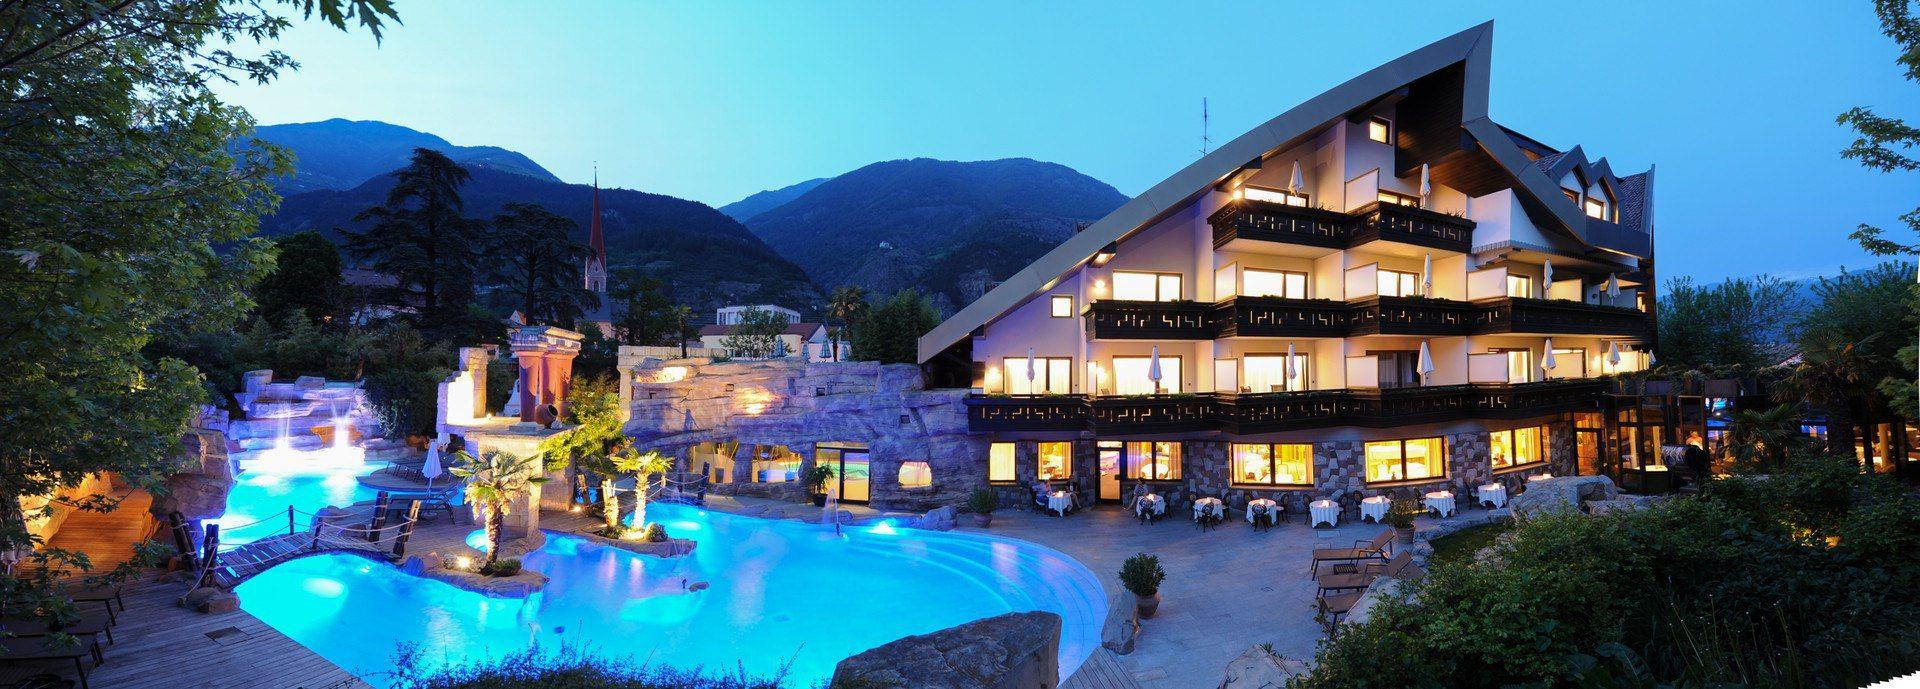 Hotel Vier Jahreszeiten In Sudtirol First Class Hotel Mit